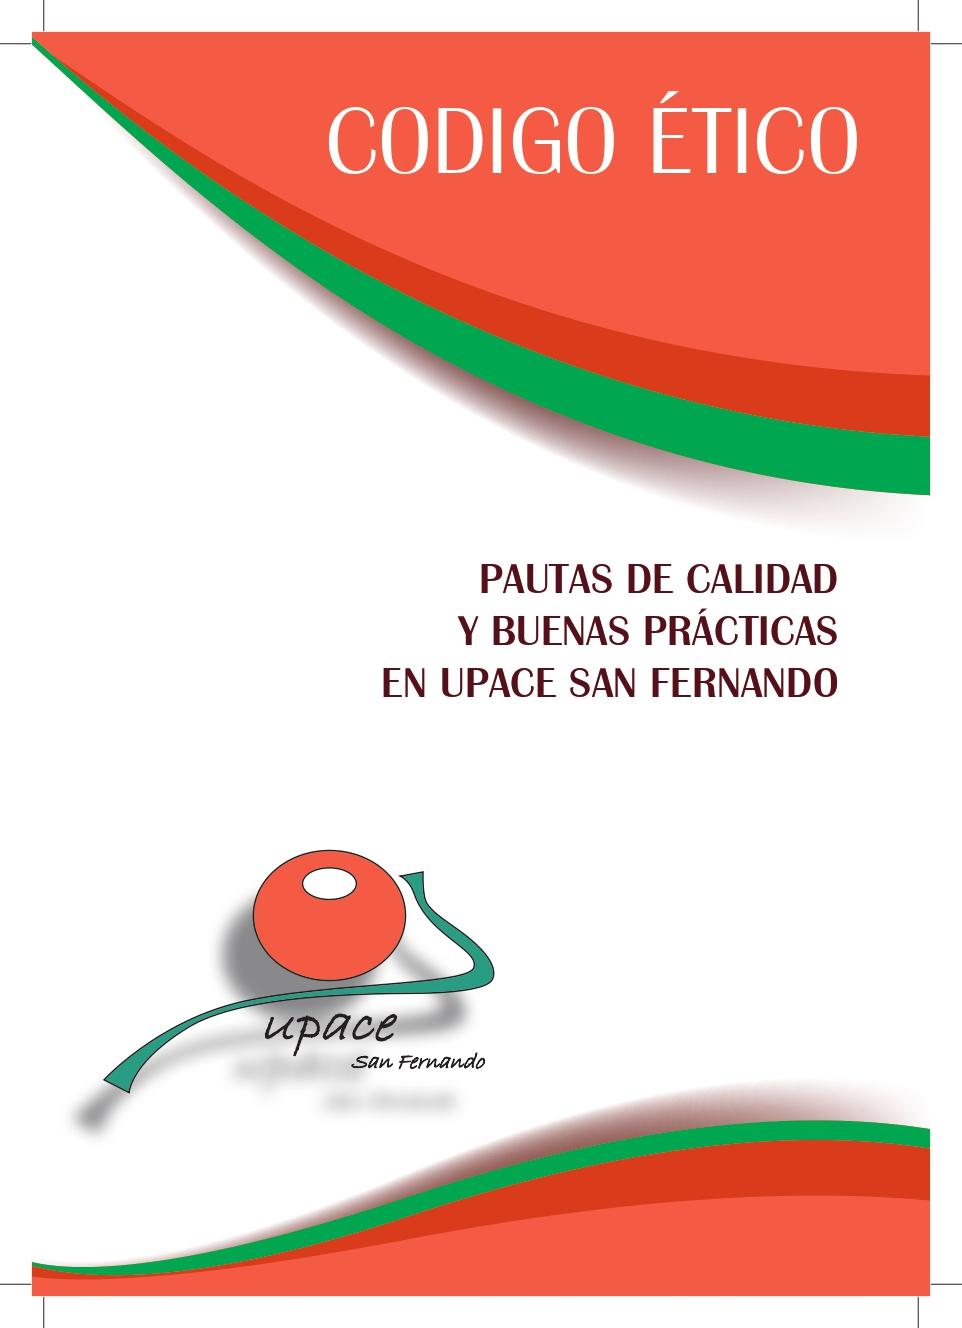 CODIGO-ETICO-de-UPACE-San-Fernando_page-0001